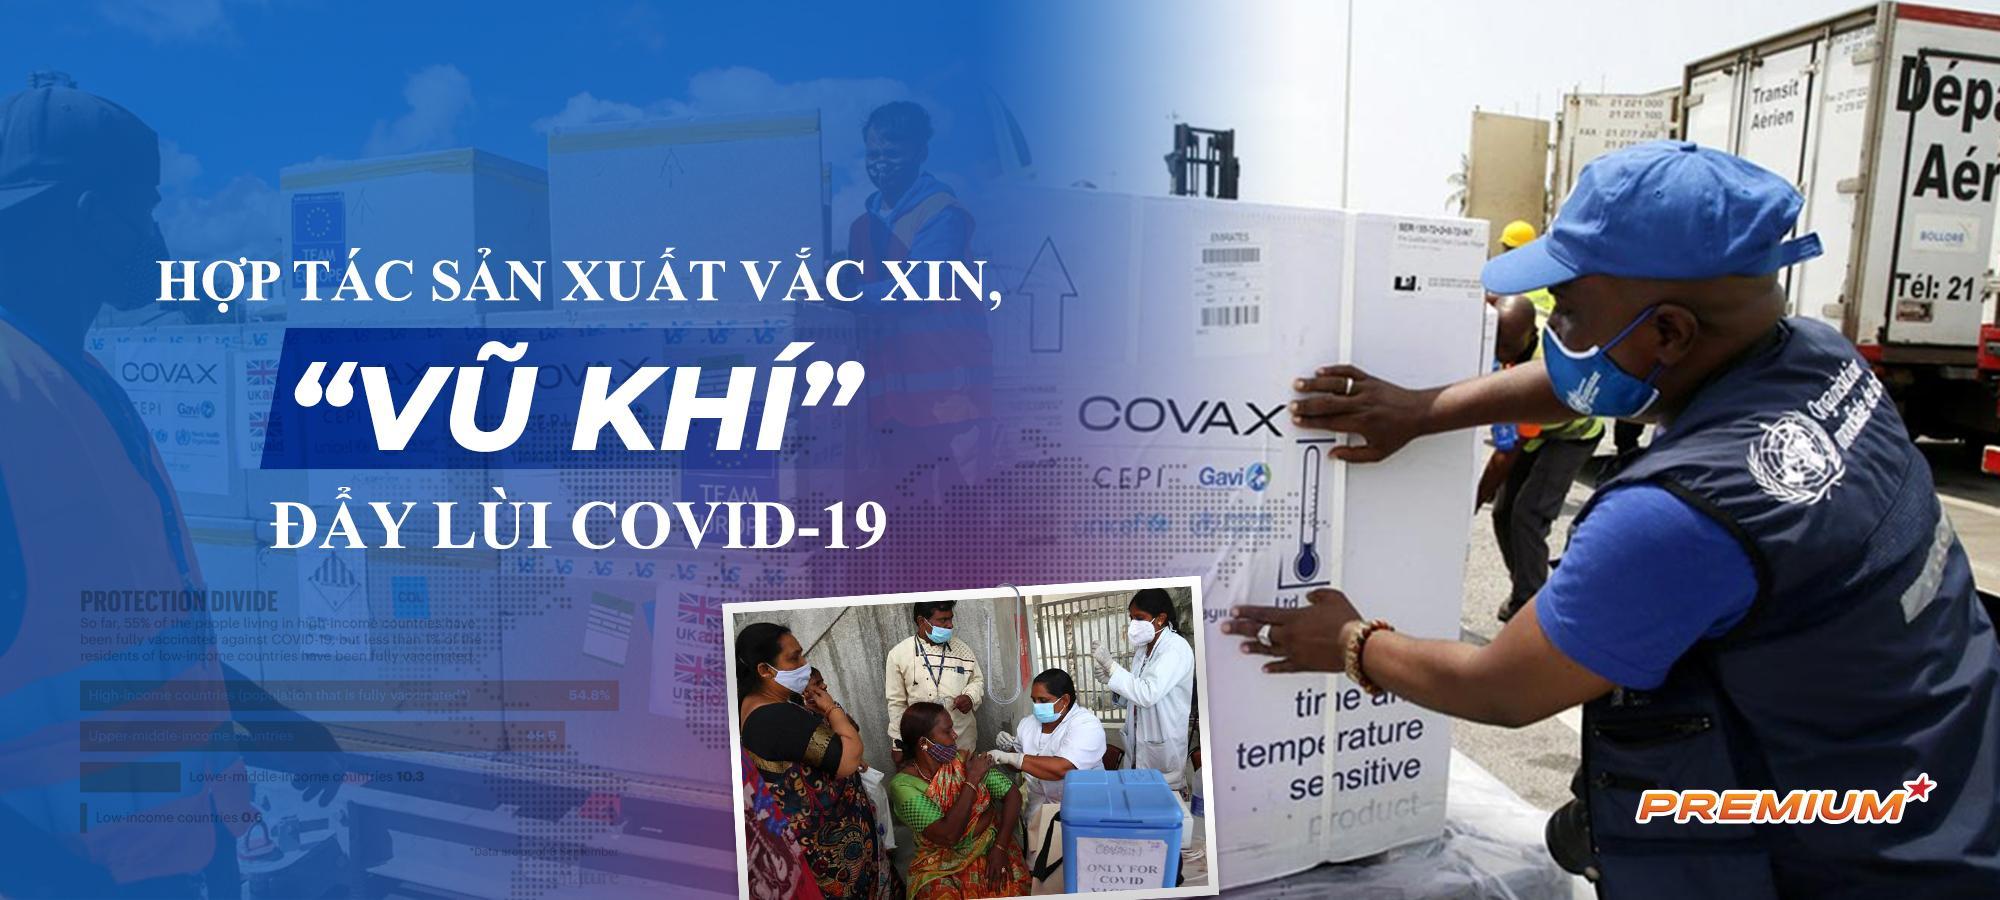 Hợp tác sản xuất vắc xin, 'vũ khí' đẩy lùi Covid-19